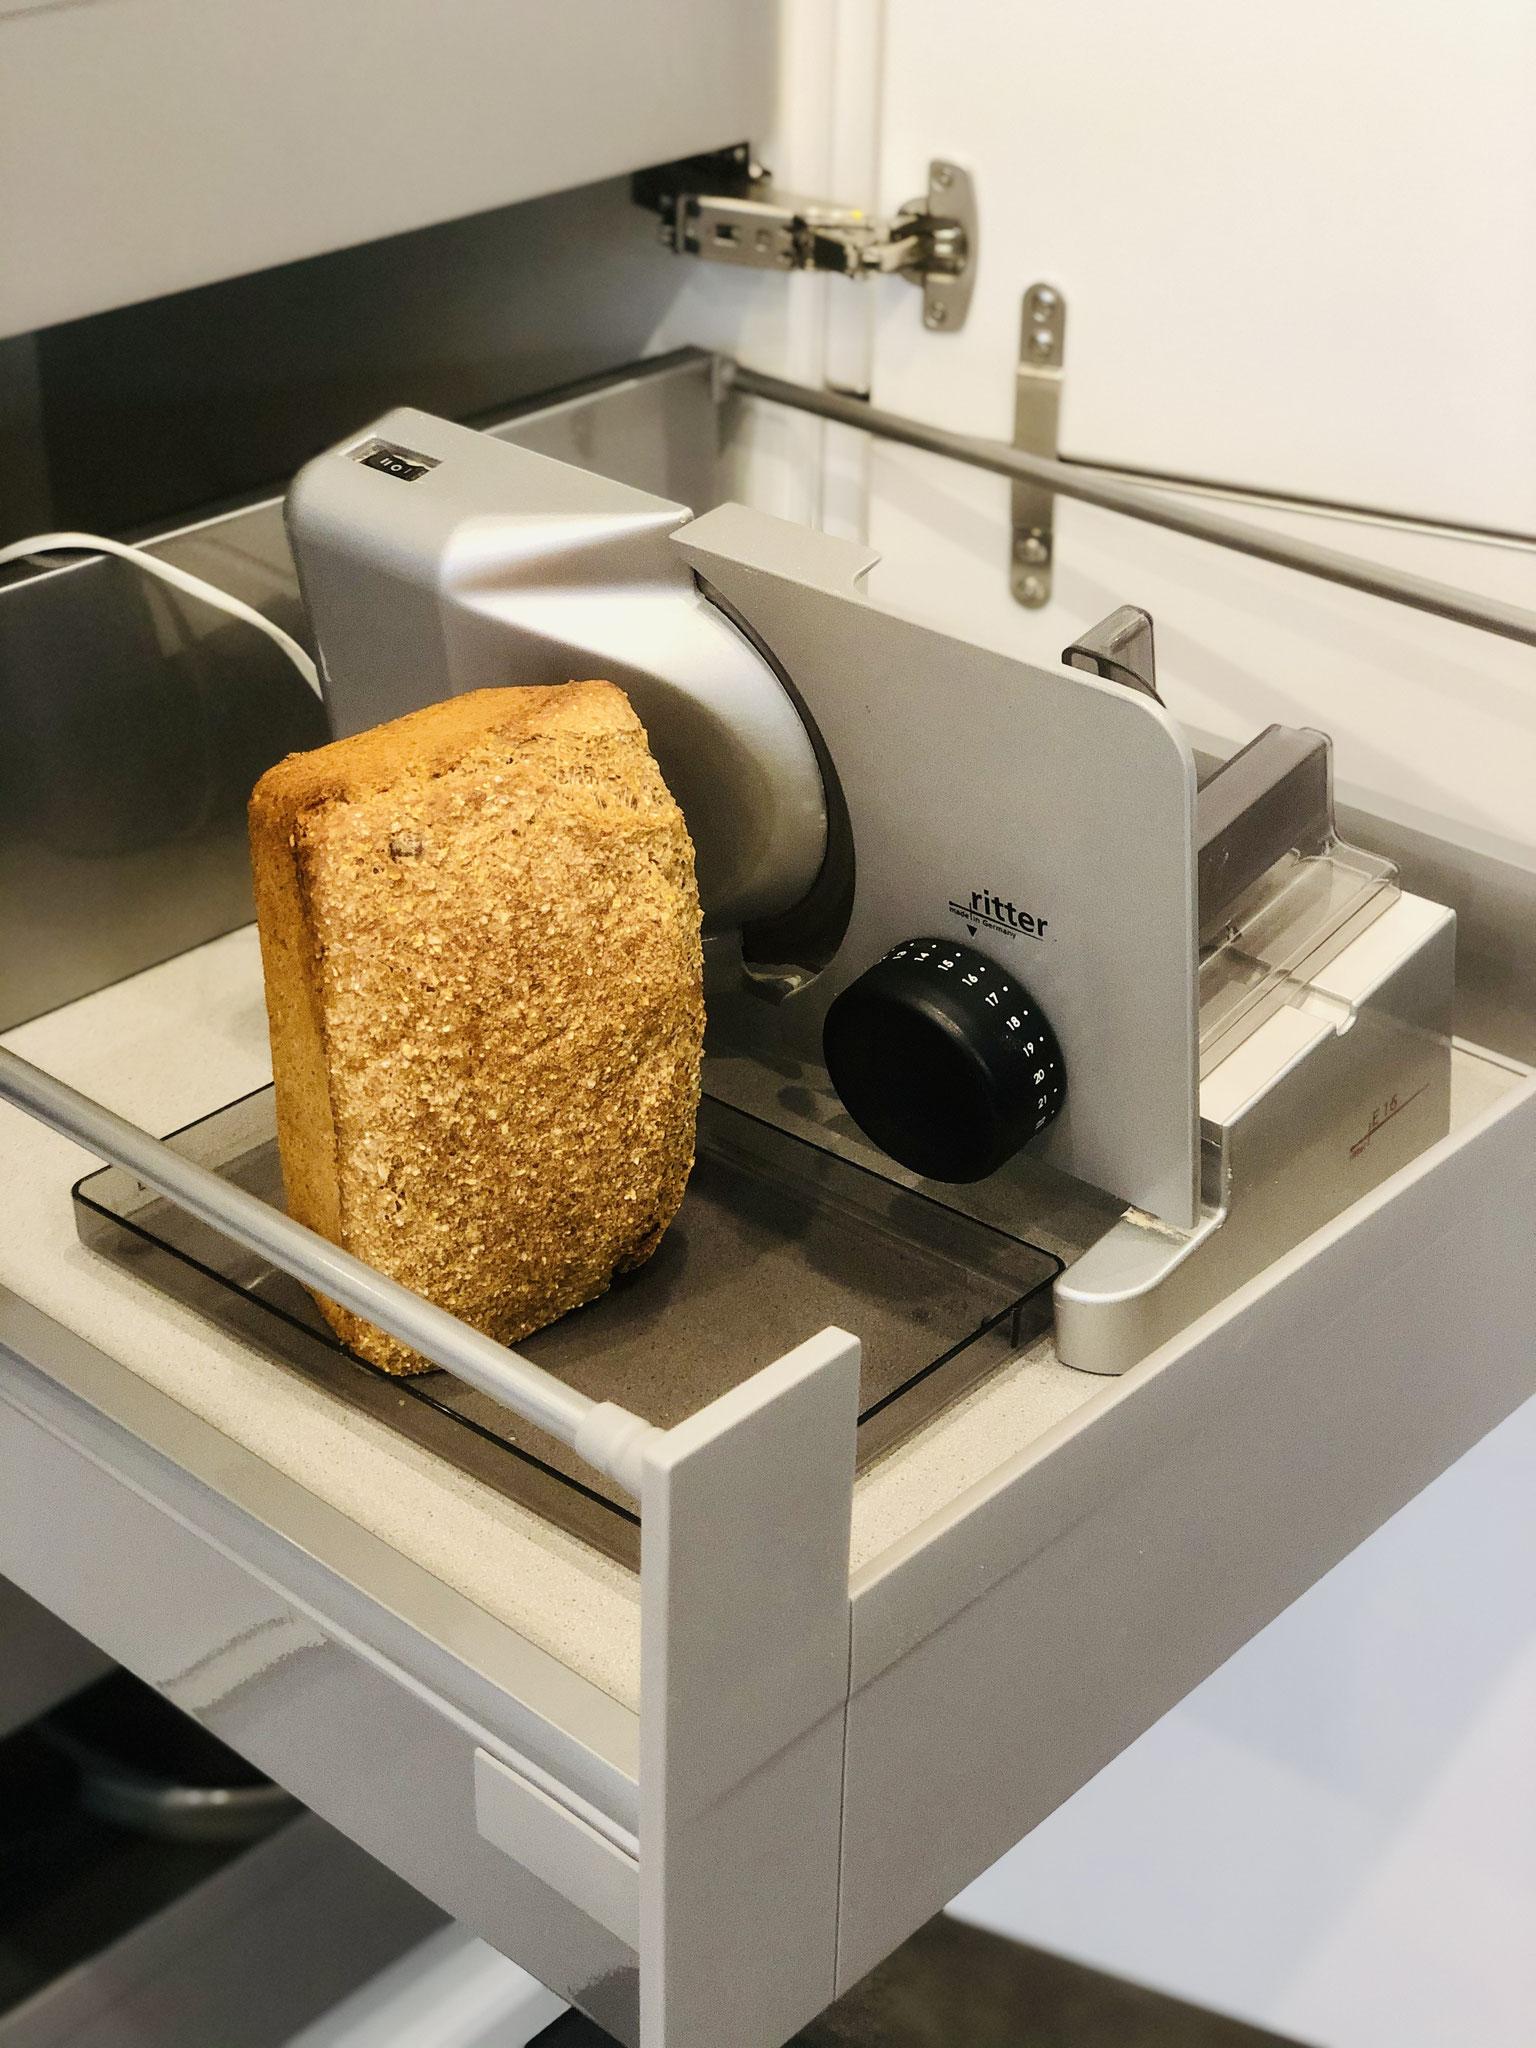 Mein Brot liegt mit der Anschnittfläche auf dem Brettchen von der Schneidemaschine ...